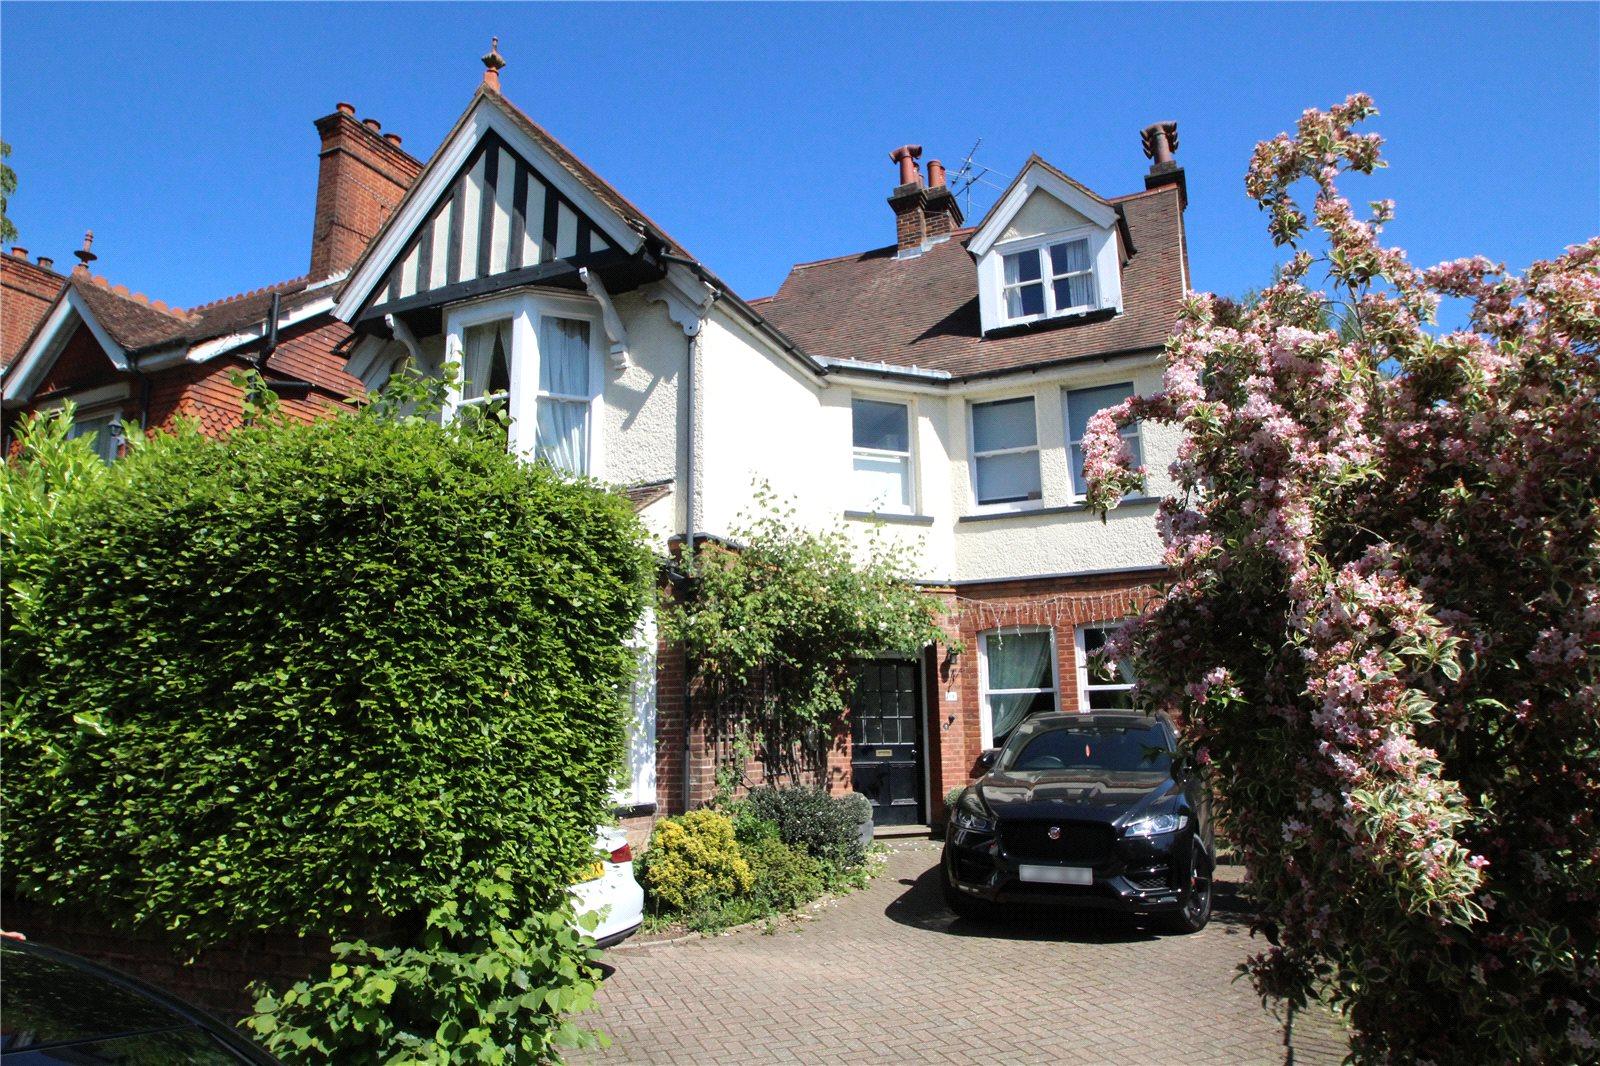 独户住宅 为 销售 在 Manor Road, St. Albans, Hertfordshire, AL1 St Albans, 英格兰